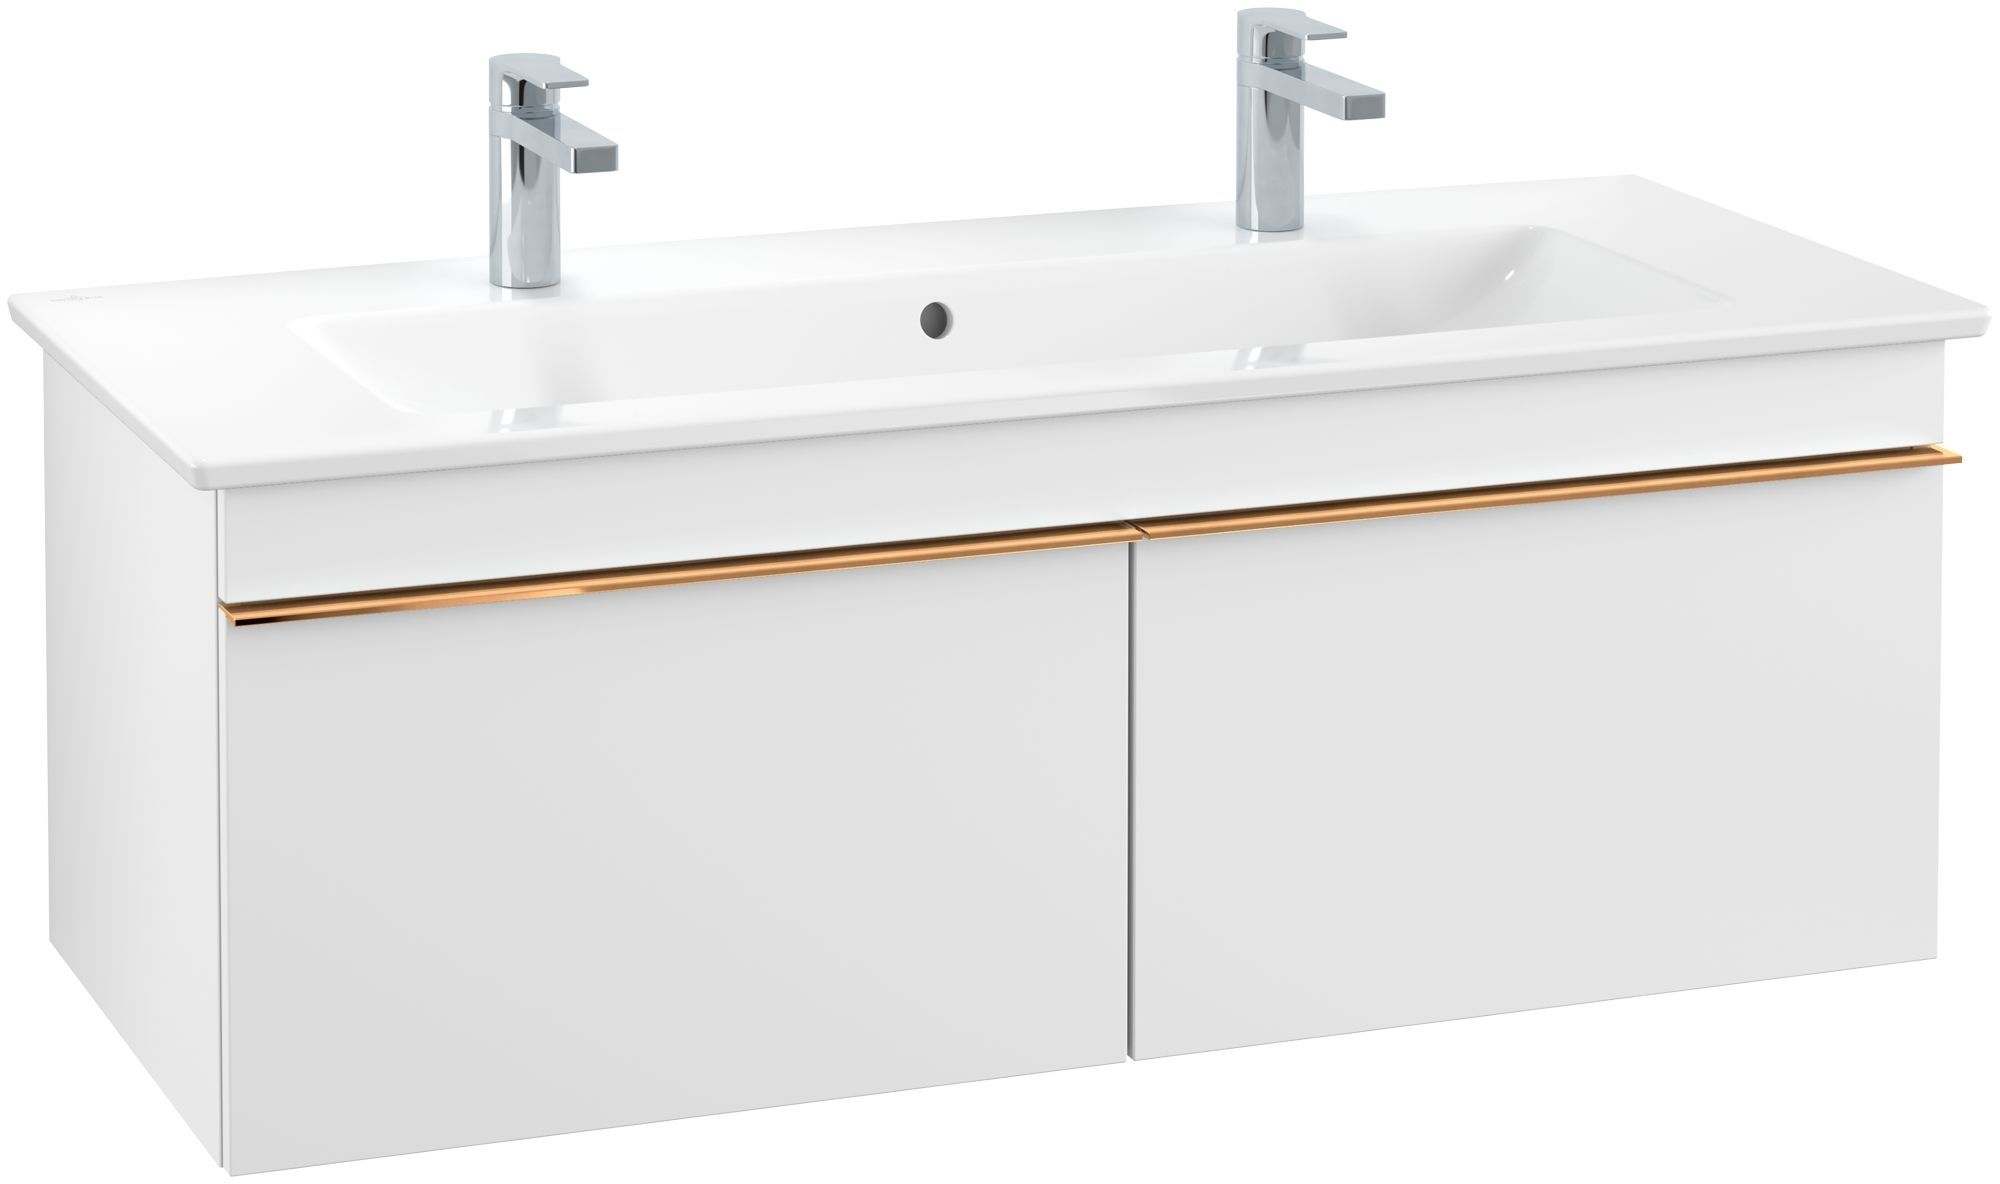 Villeroy & Boch Venticello Waschtischunterschrank 2 Auszüge B:115,3xH:42cm white matt Griffe copper A93805MS